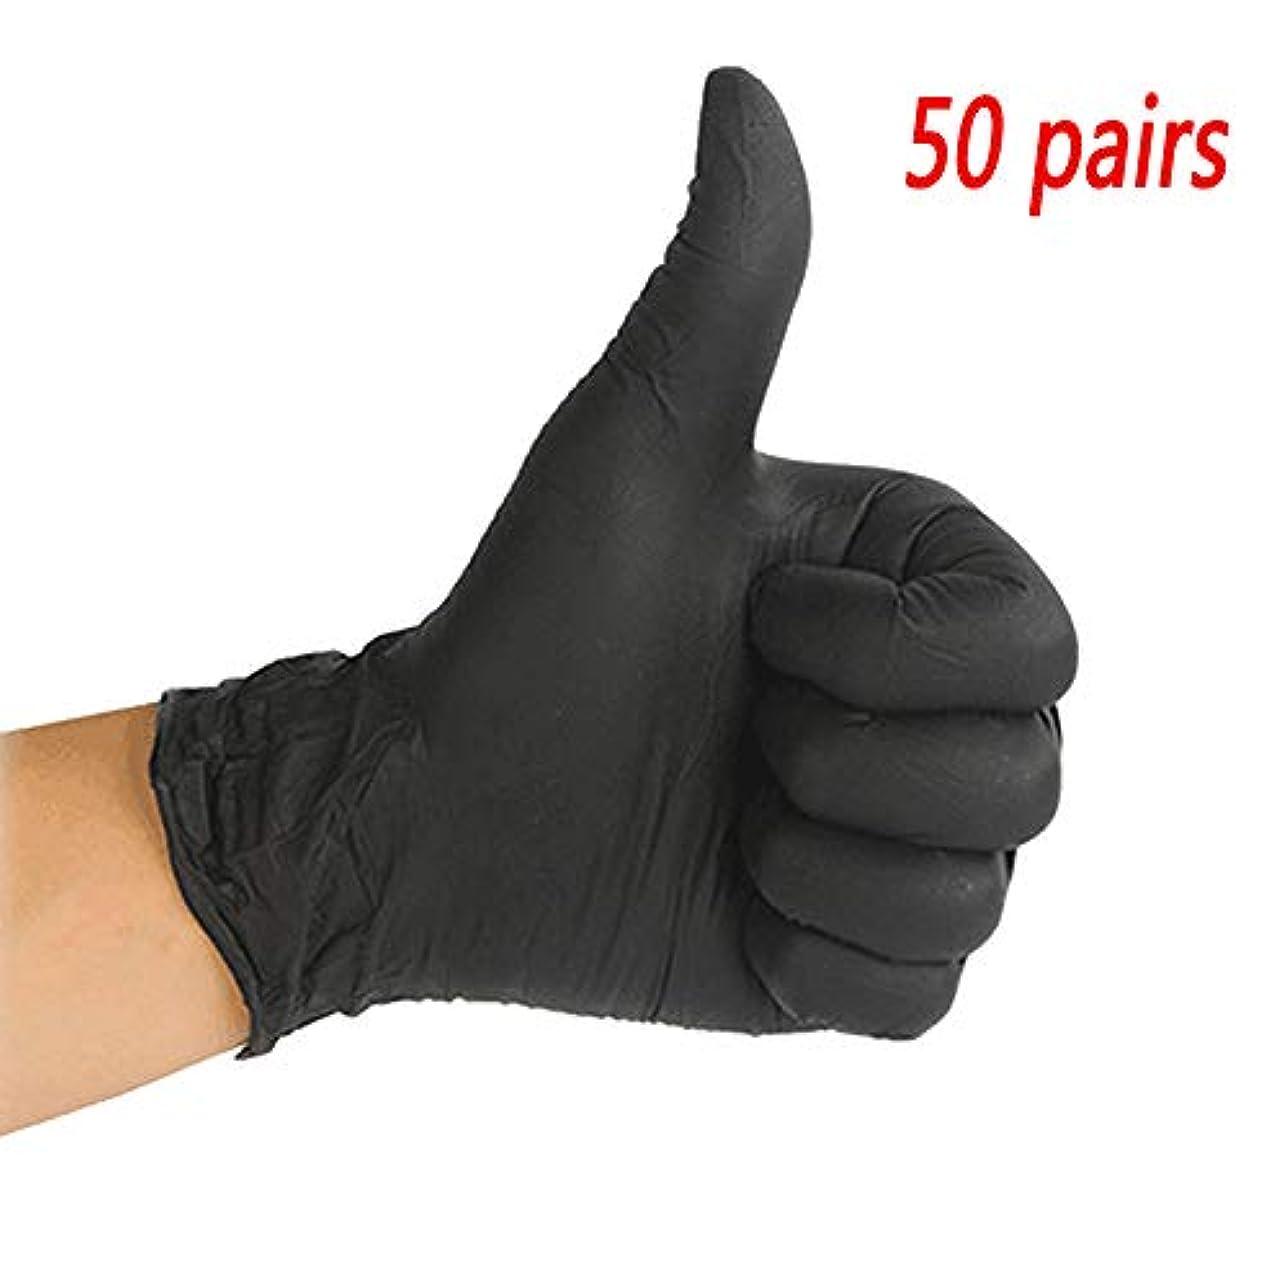 人生を作るリサイクルするポイント使い捨て手袋 100枚入 ニトリルグローブ 粉なし 作業手袋 耐油 料理 掃除 衛生 工業用 医療用 美容用 レストラン用 使い捨てタトゥー手袋